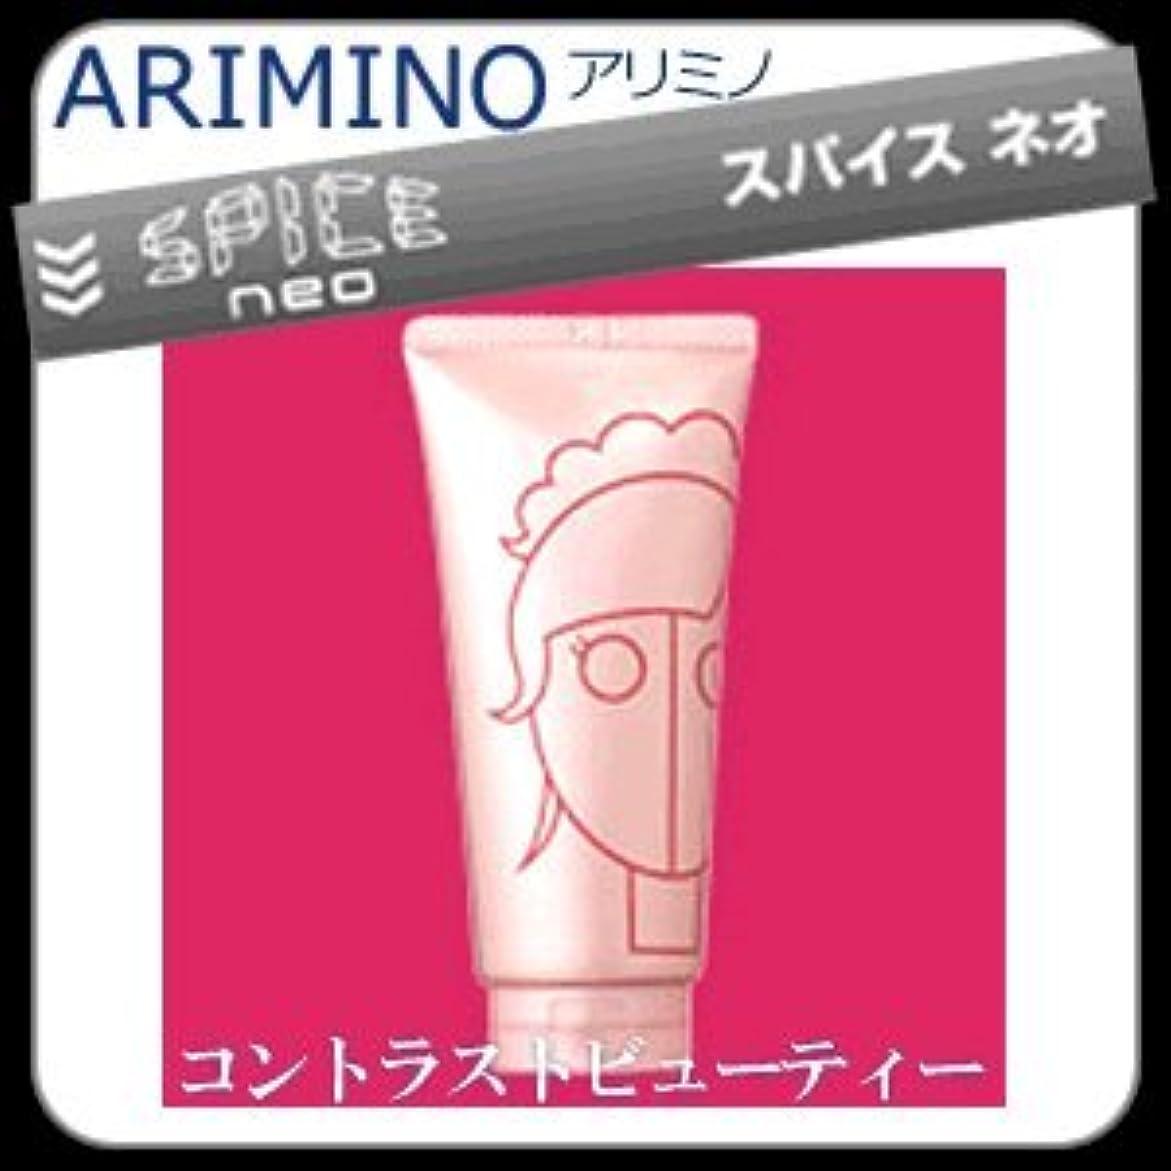 満足できる美しいアンテナ【X2個セット】 アリミノ スパイスネオ DECOMAKE-WAX デコメイクワックス 80g ARIMINO SPICE neo